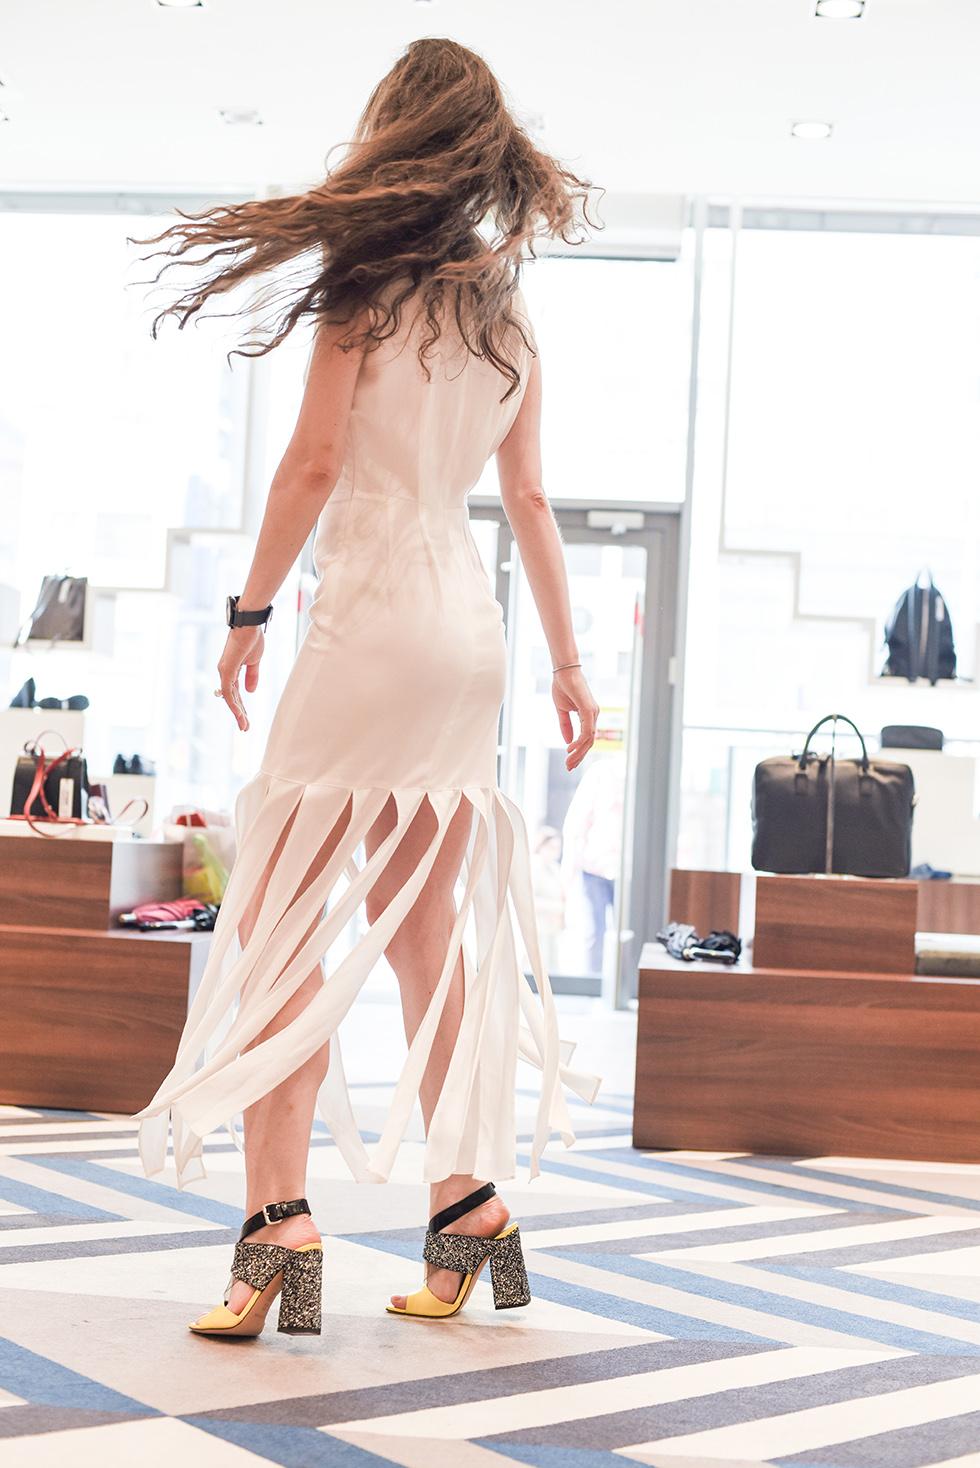 bolshoy_fashion_market_osen_3